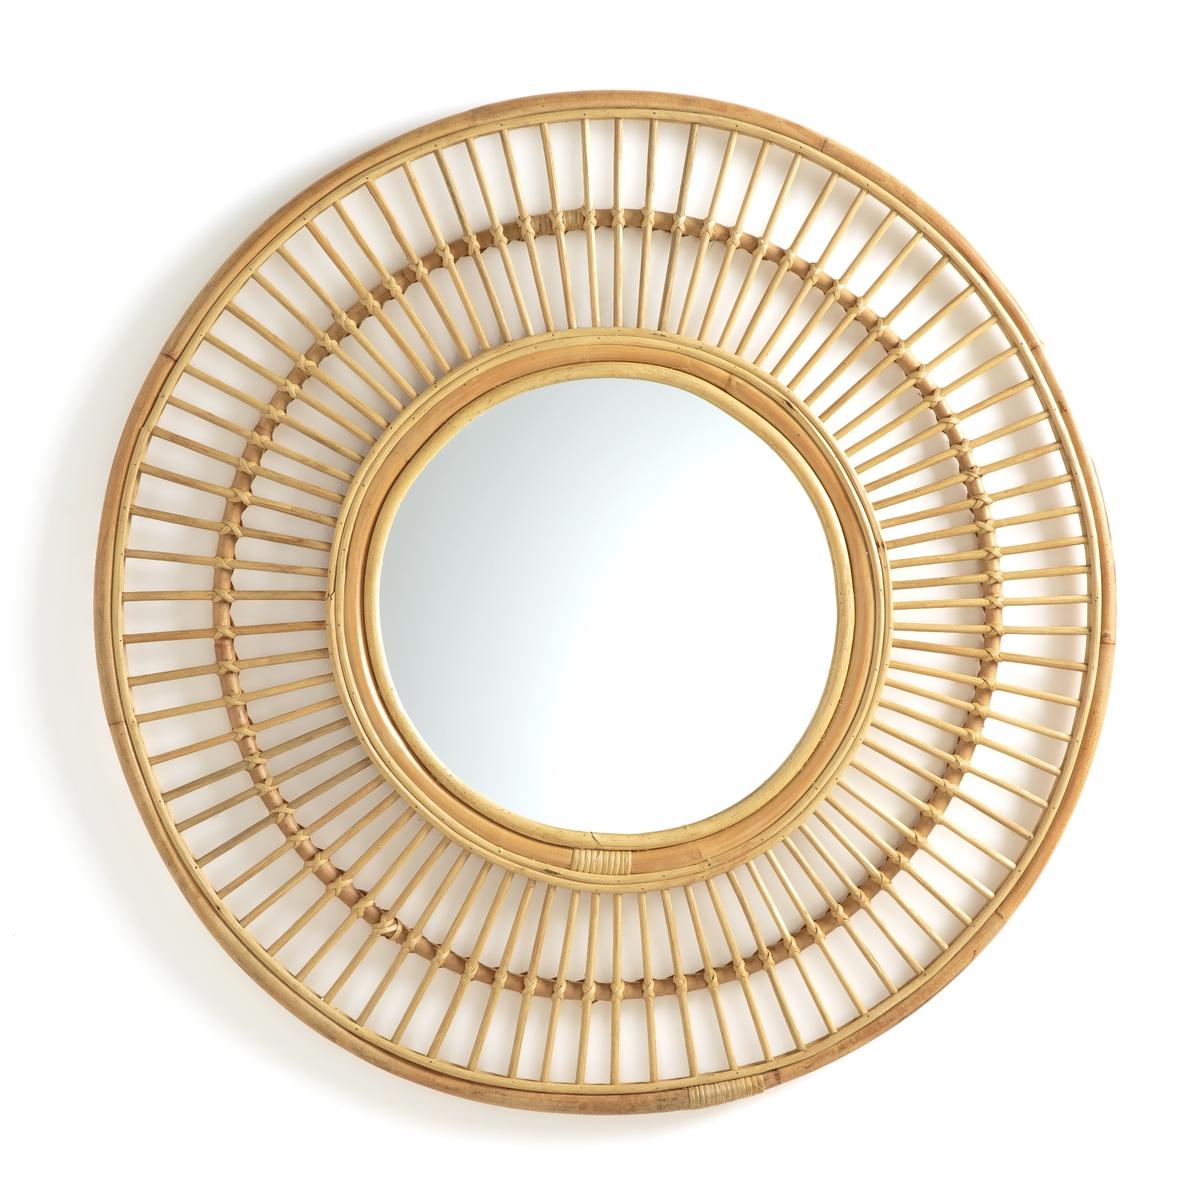 Зеркало La Redoute Круглое из ротанга см Nogu единый размер бежевый зеркало la redoute квадратное из ротанга ш x в см tarsile единый размер бежевый